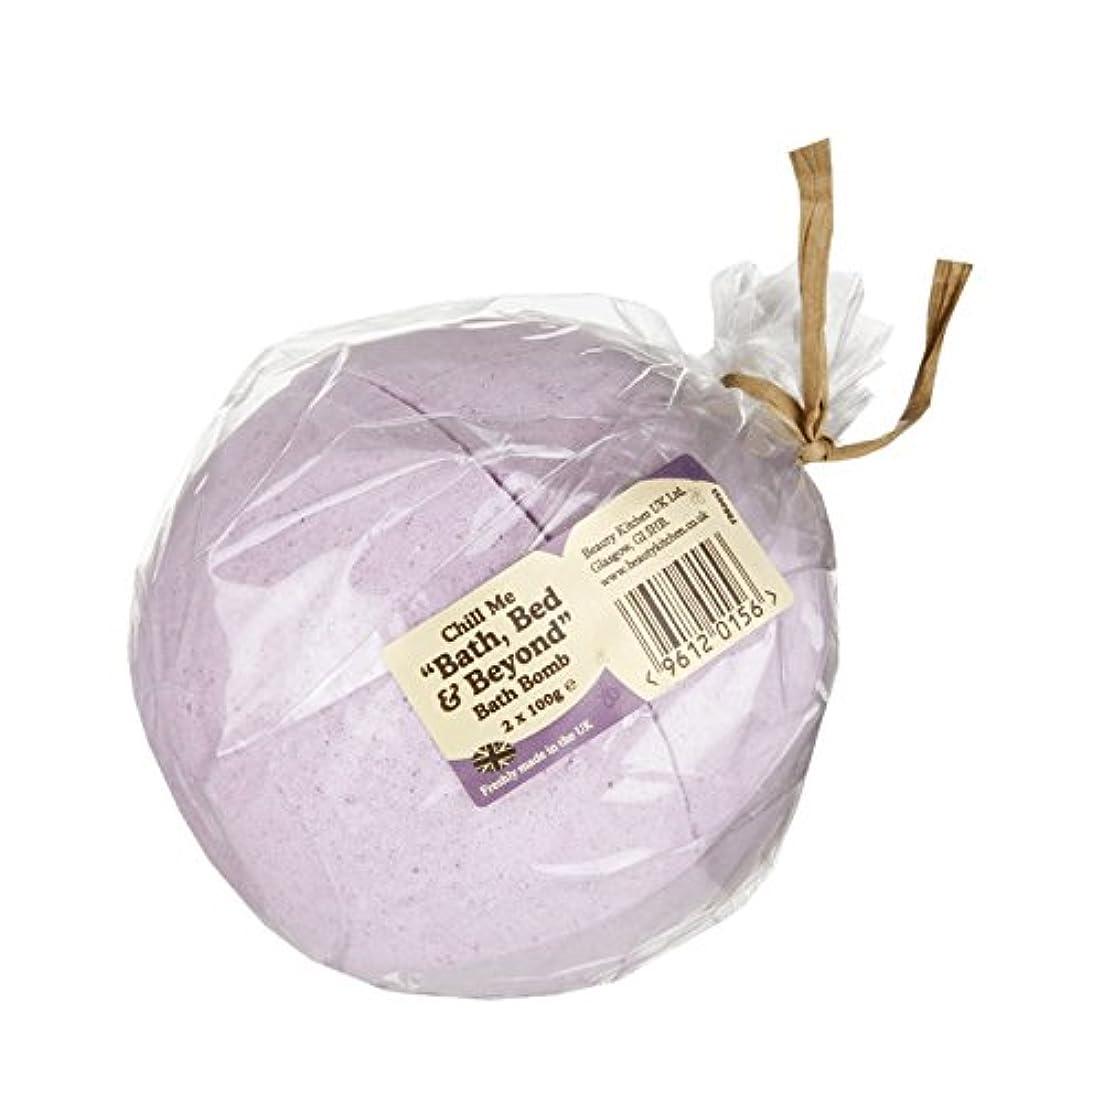 むしゃむしゃネット教えBeauty Kitchen Chill Me Bath, Bed & Beyond Bath Bomb 2 x 100g (Pack of 6) - 美しさのキッチンには、バスタブ、ベッド&バス爆弾2×100グラムを超...